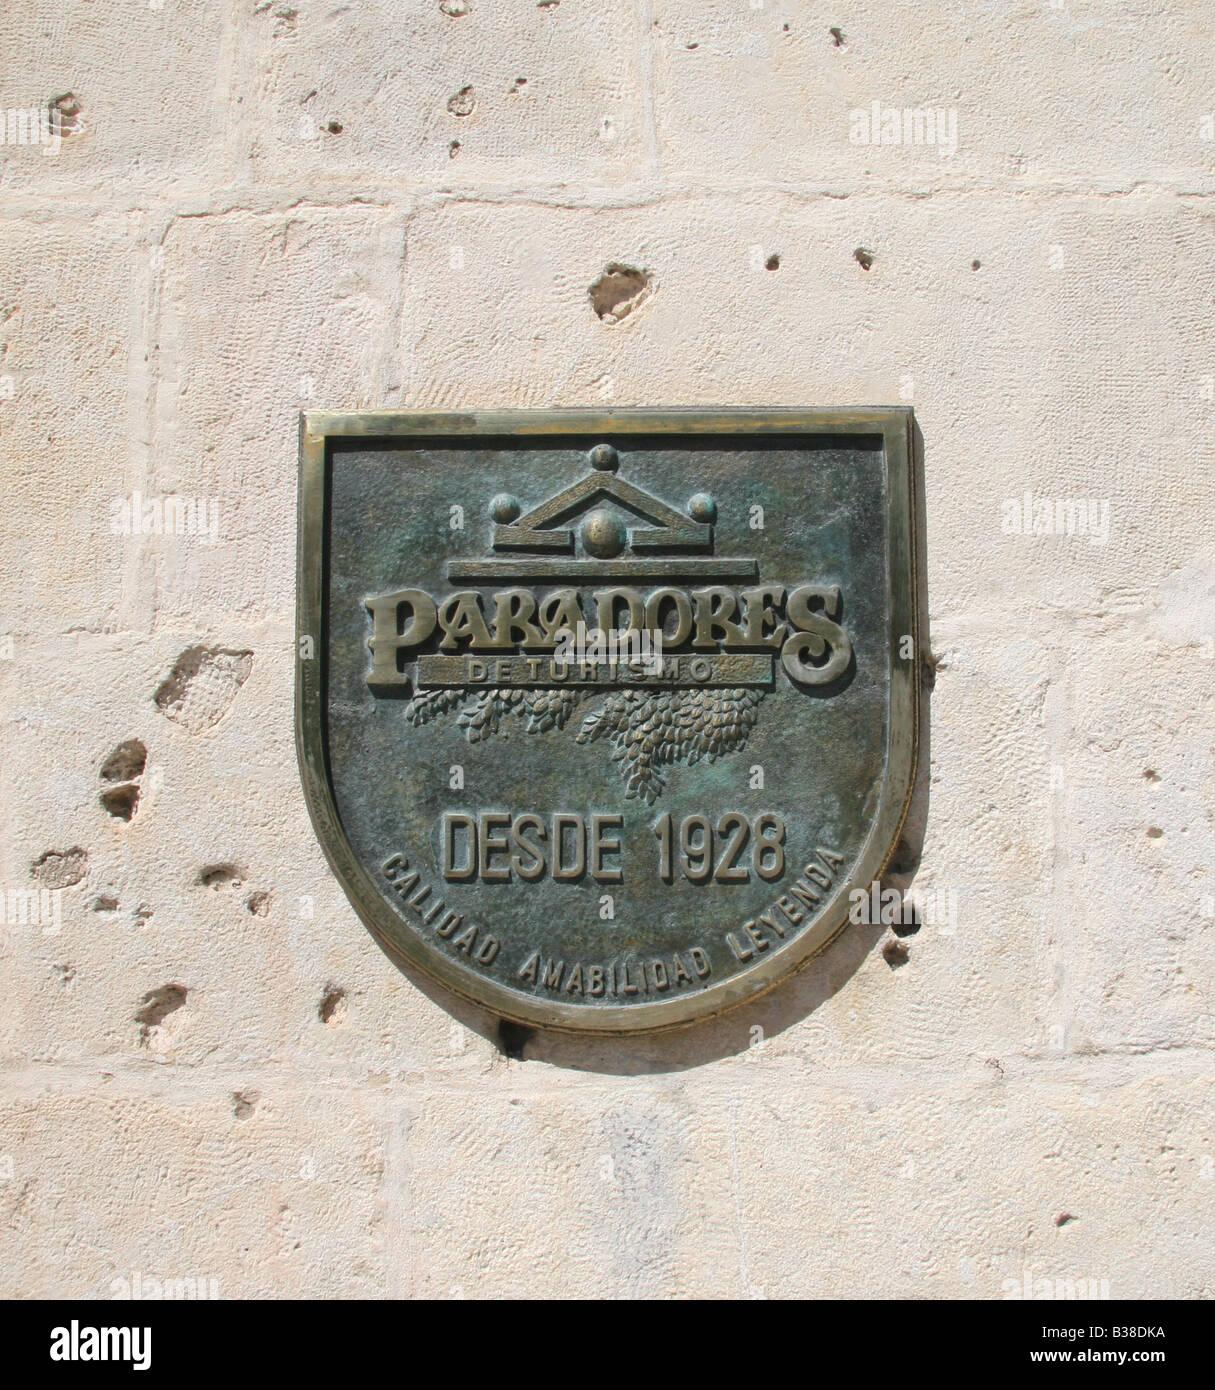 Paradores de Turismo plaque. - Stock Image